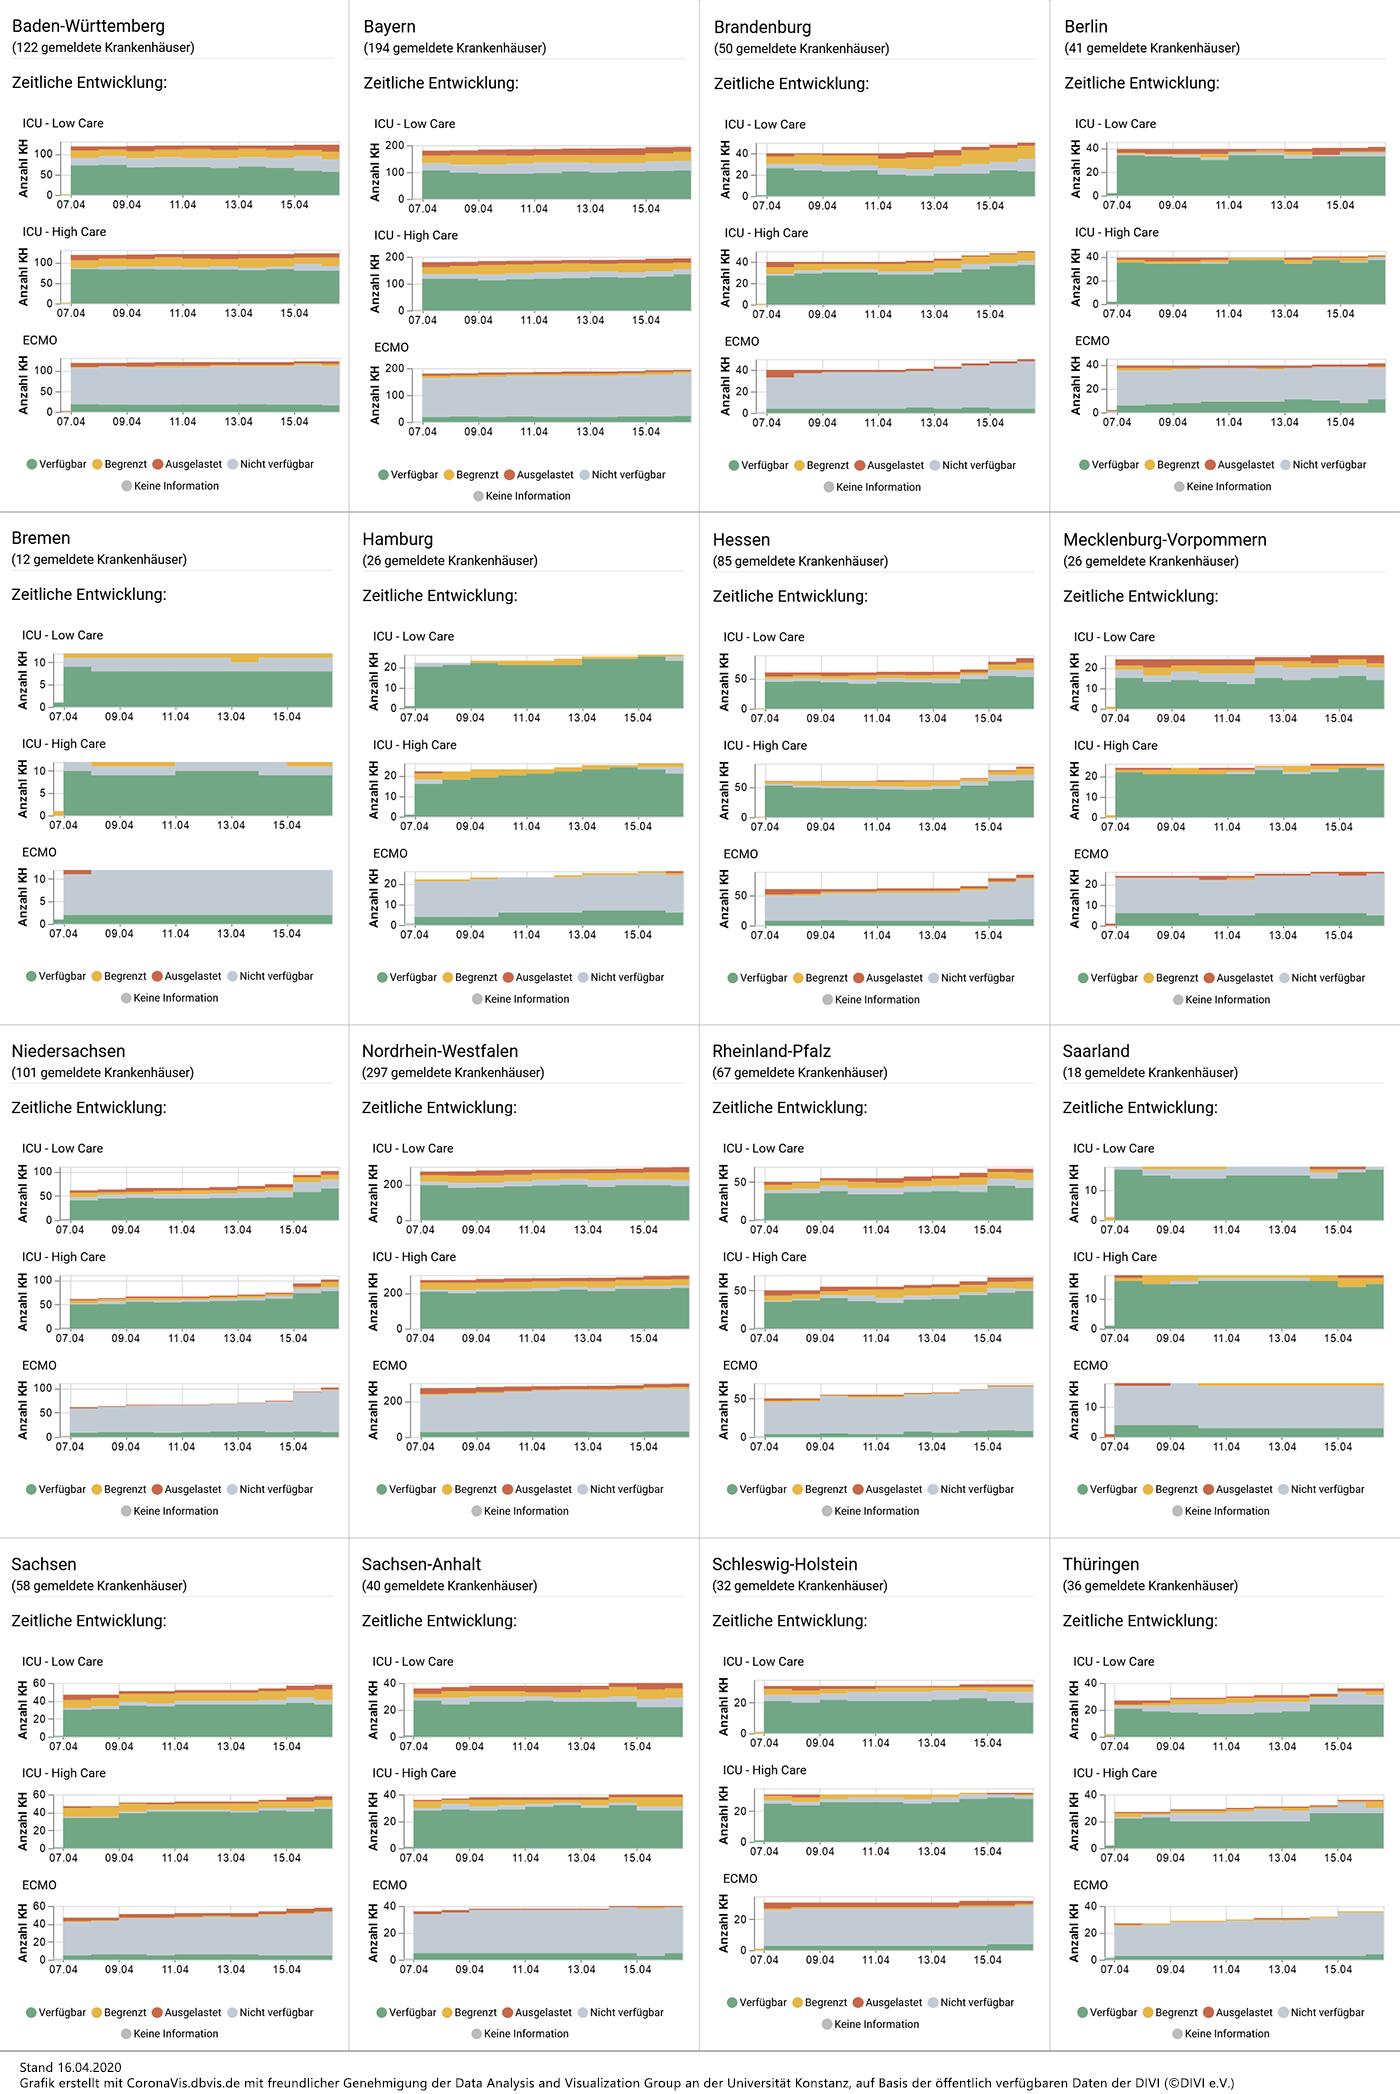 [15:47] Ralph Horstmann Analyse von Intensivbettenkapazitäten für Covid-19-Patienten vom 16.4.2020